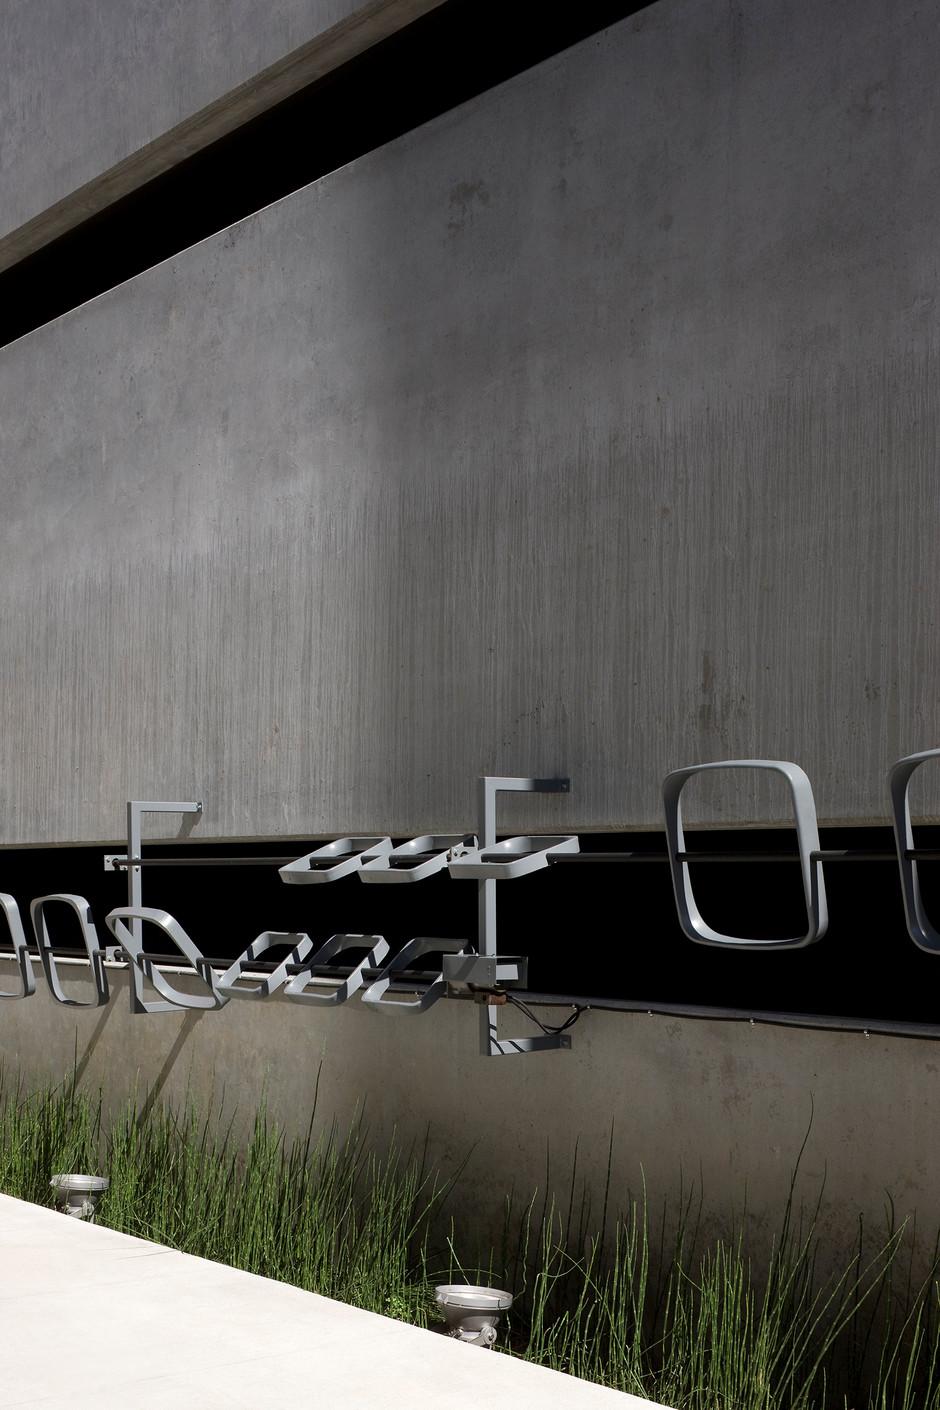 The Zipper - Crossroads Parking Garage